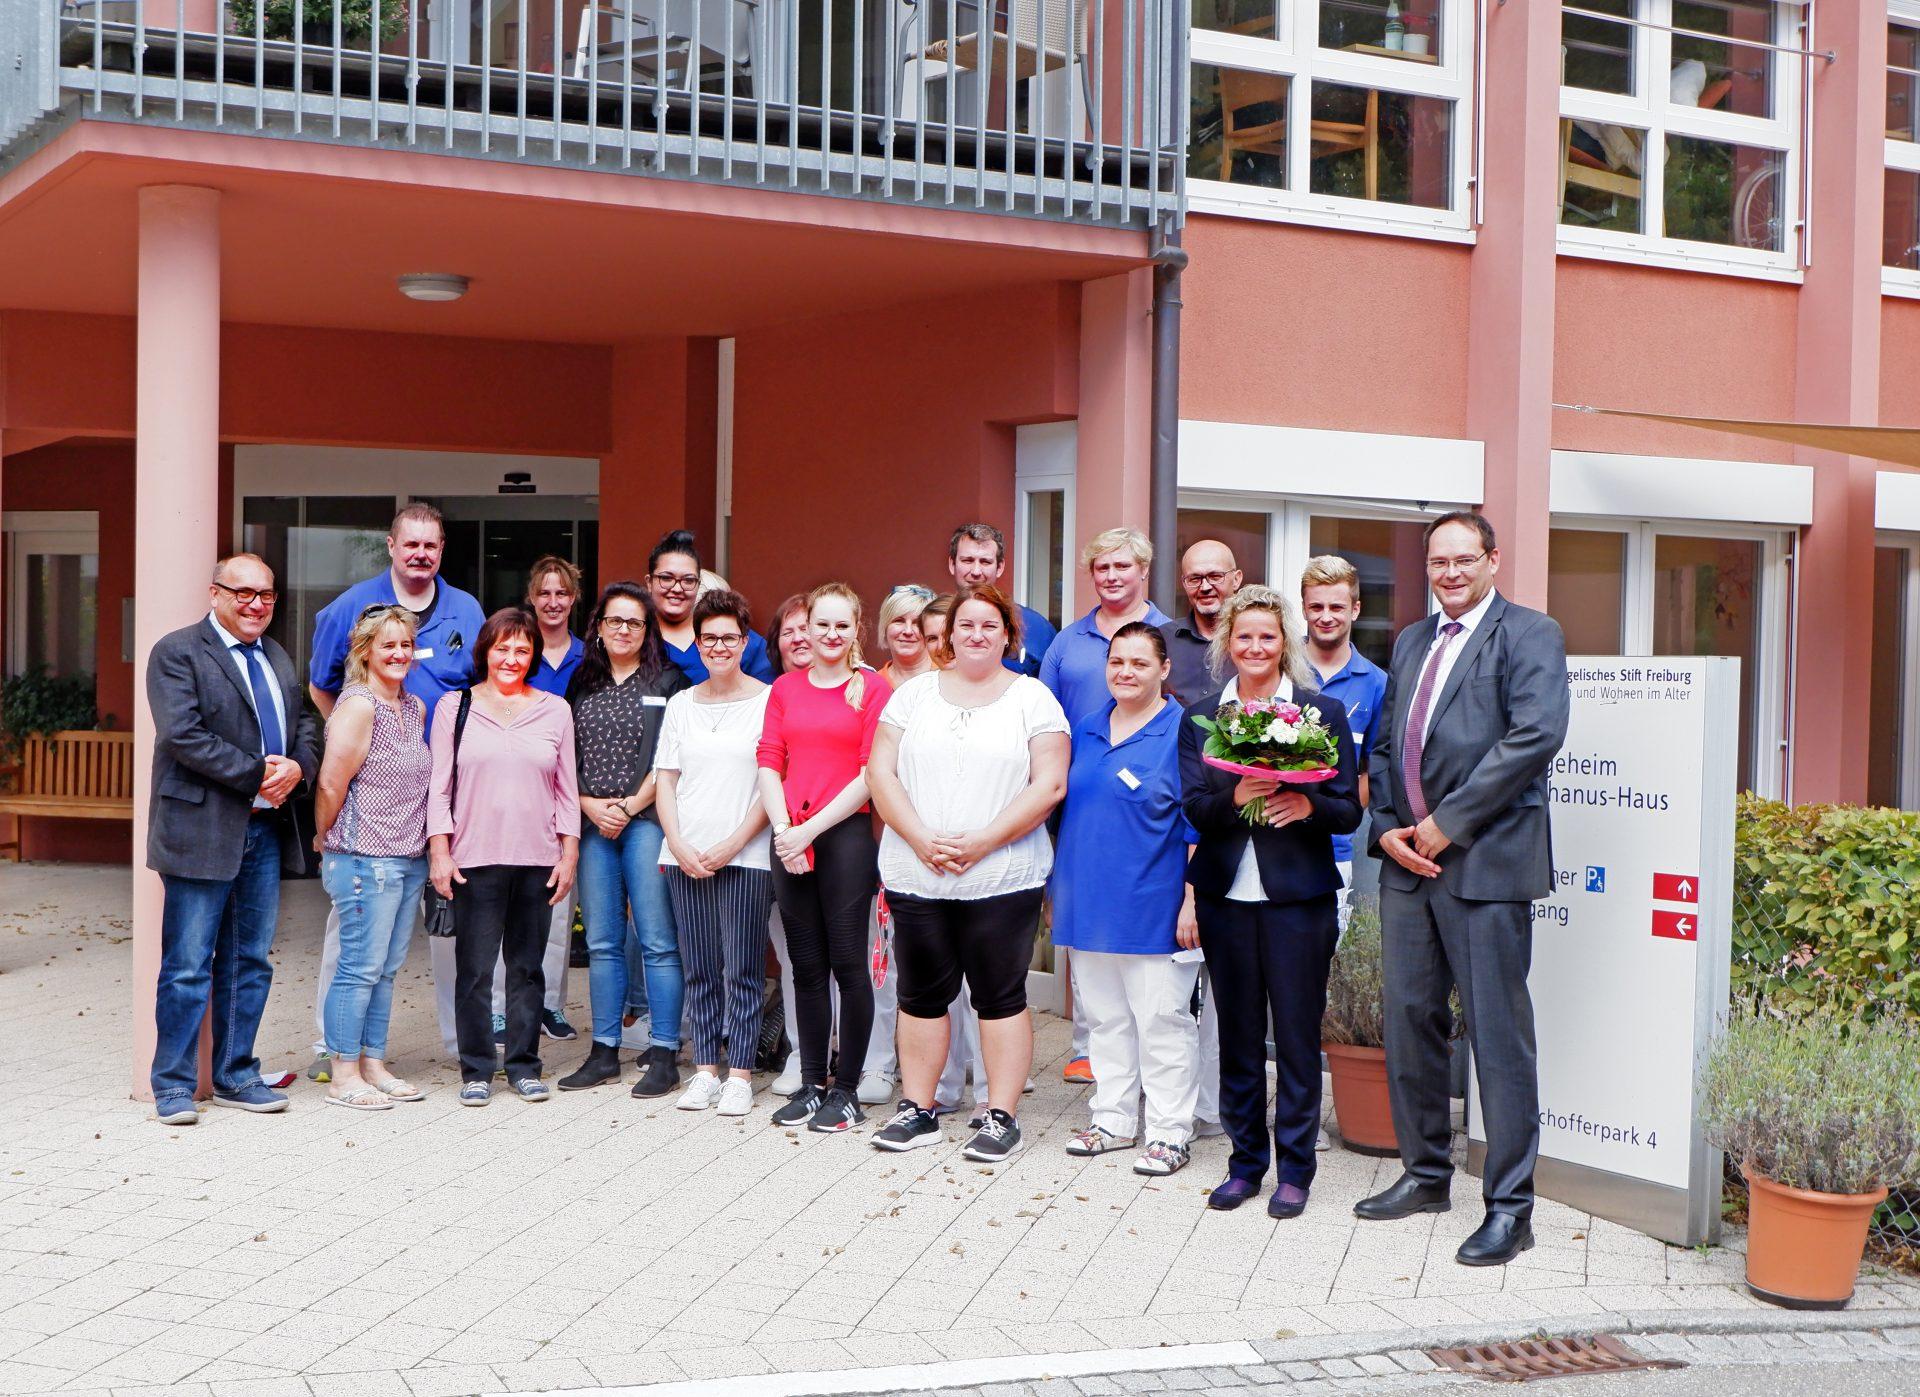 2019-09-16-Begrüßung-Tanja-Schneckenburger-01